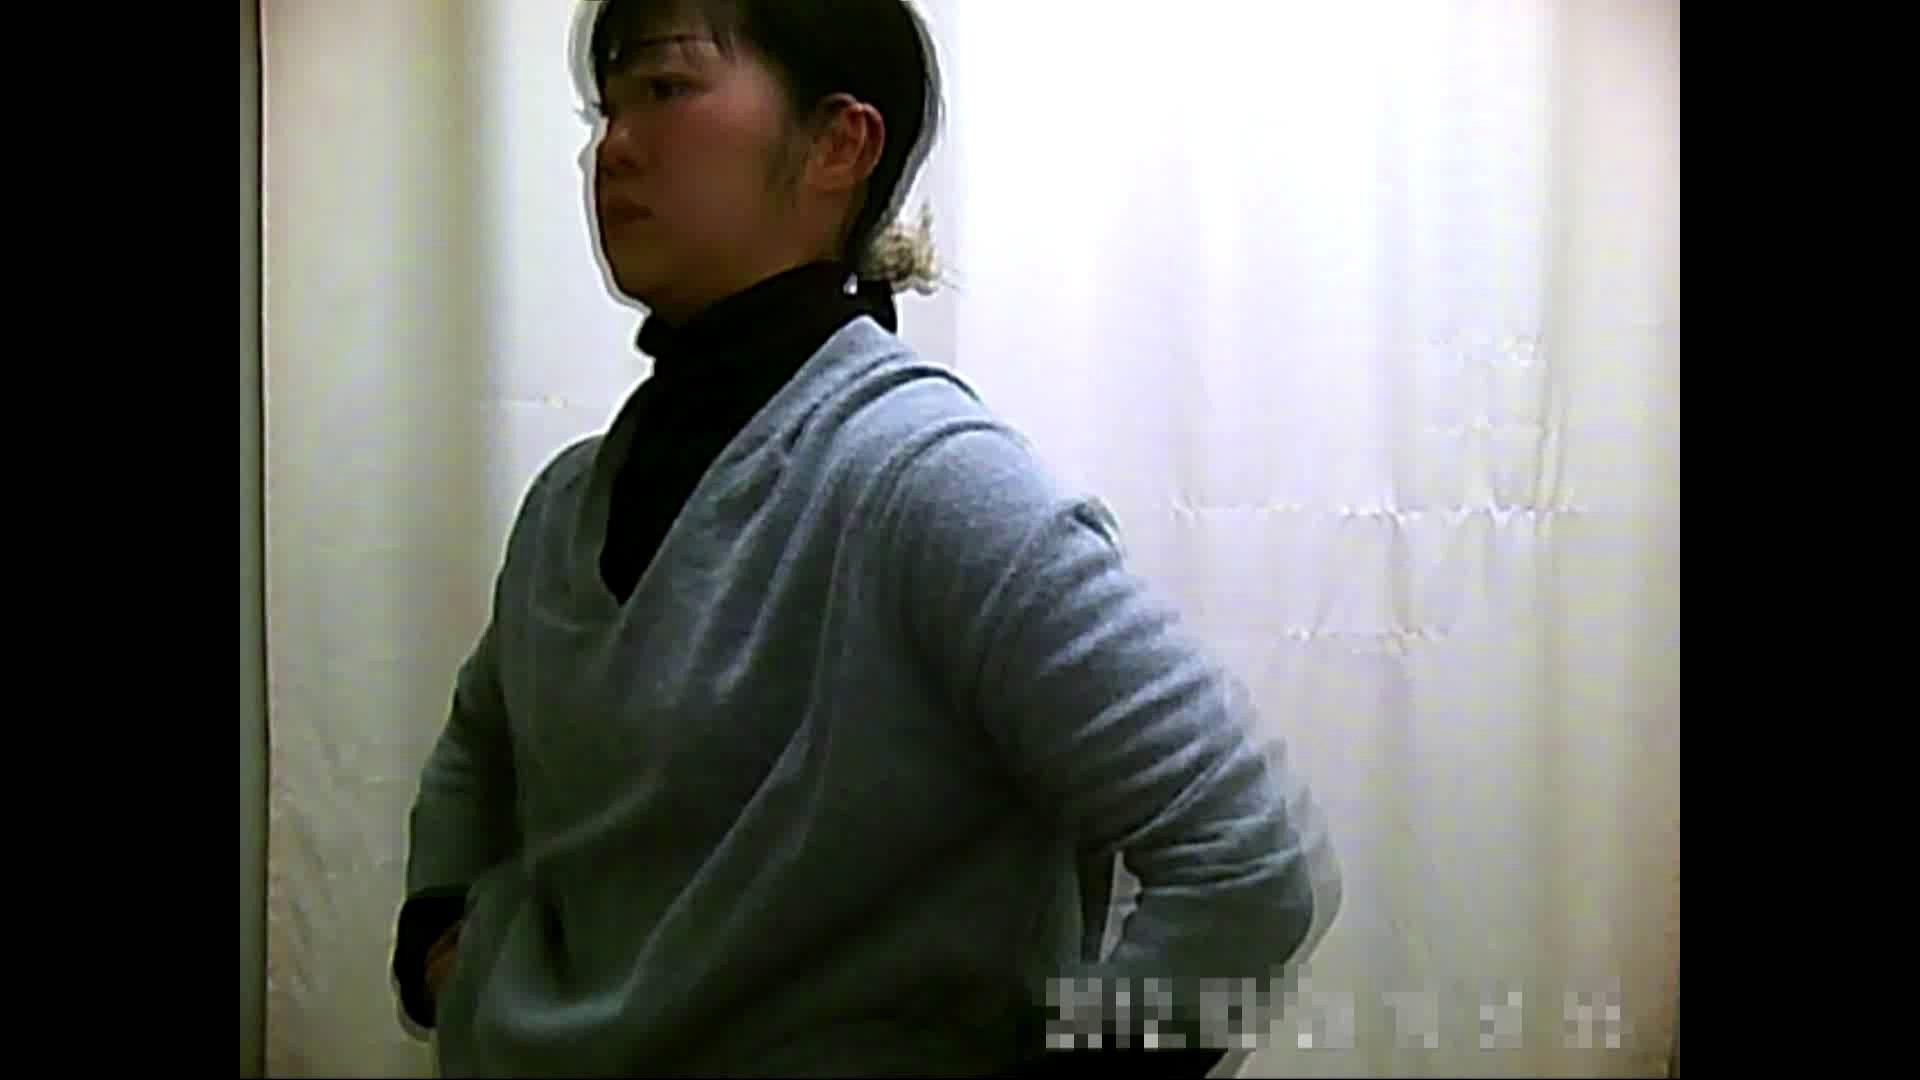 元医者による反抗 更衣室地獄絵巻 vol.271 OLハメ撮り  97Pix 91